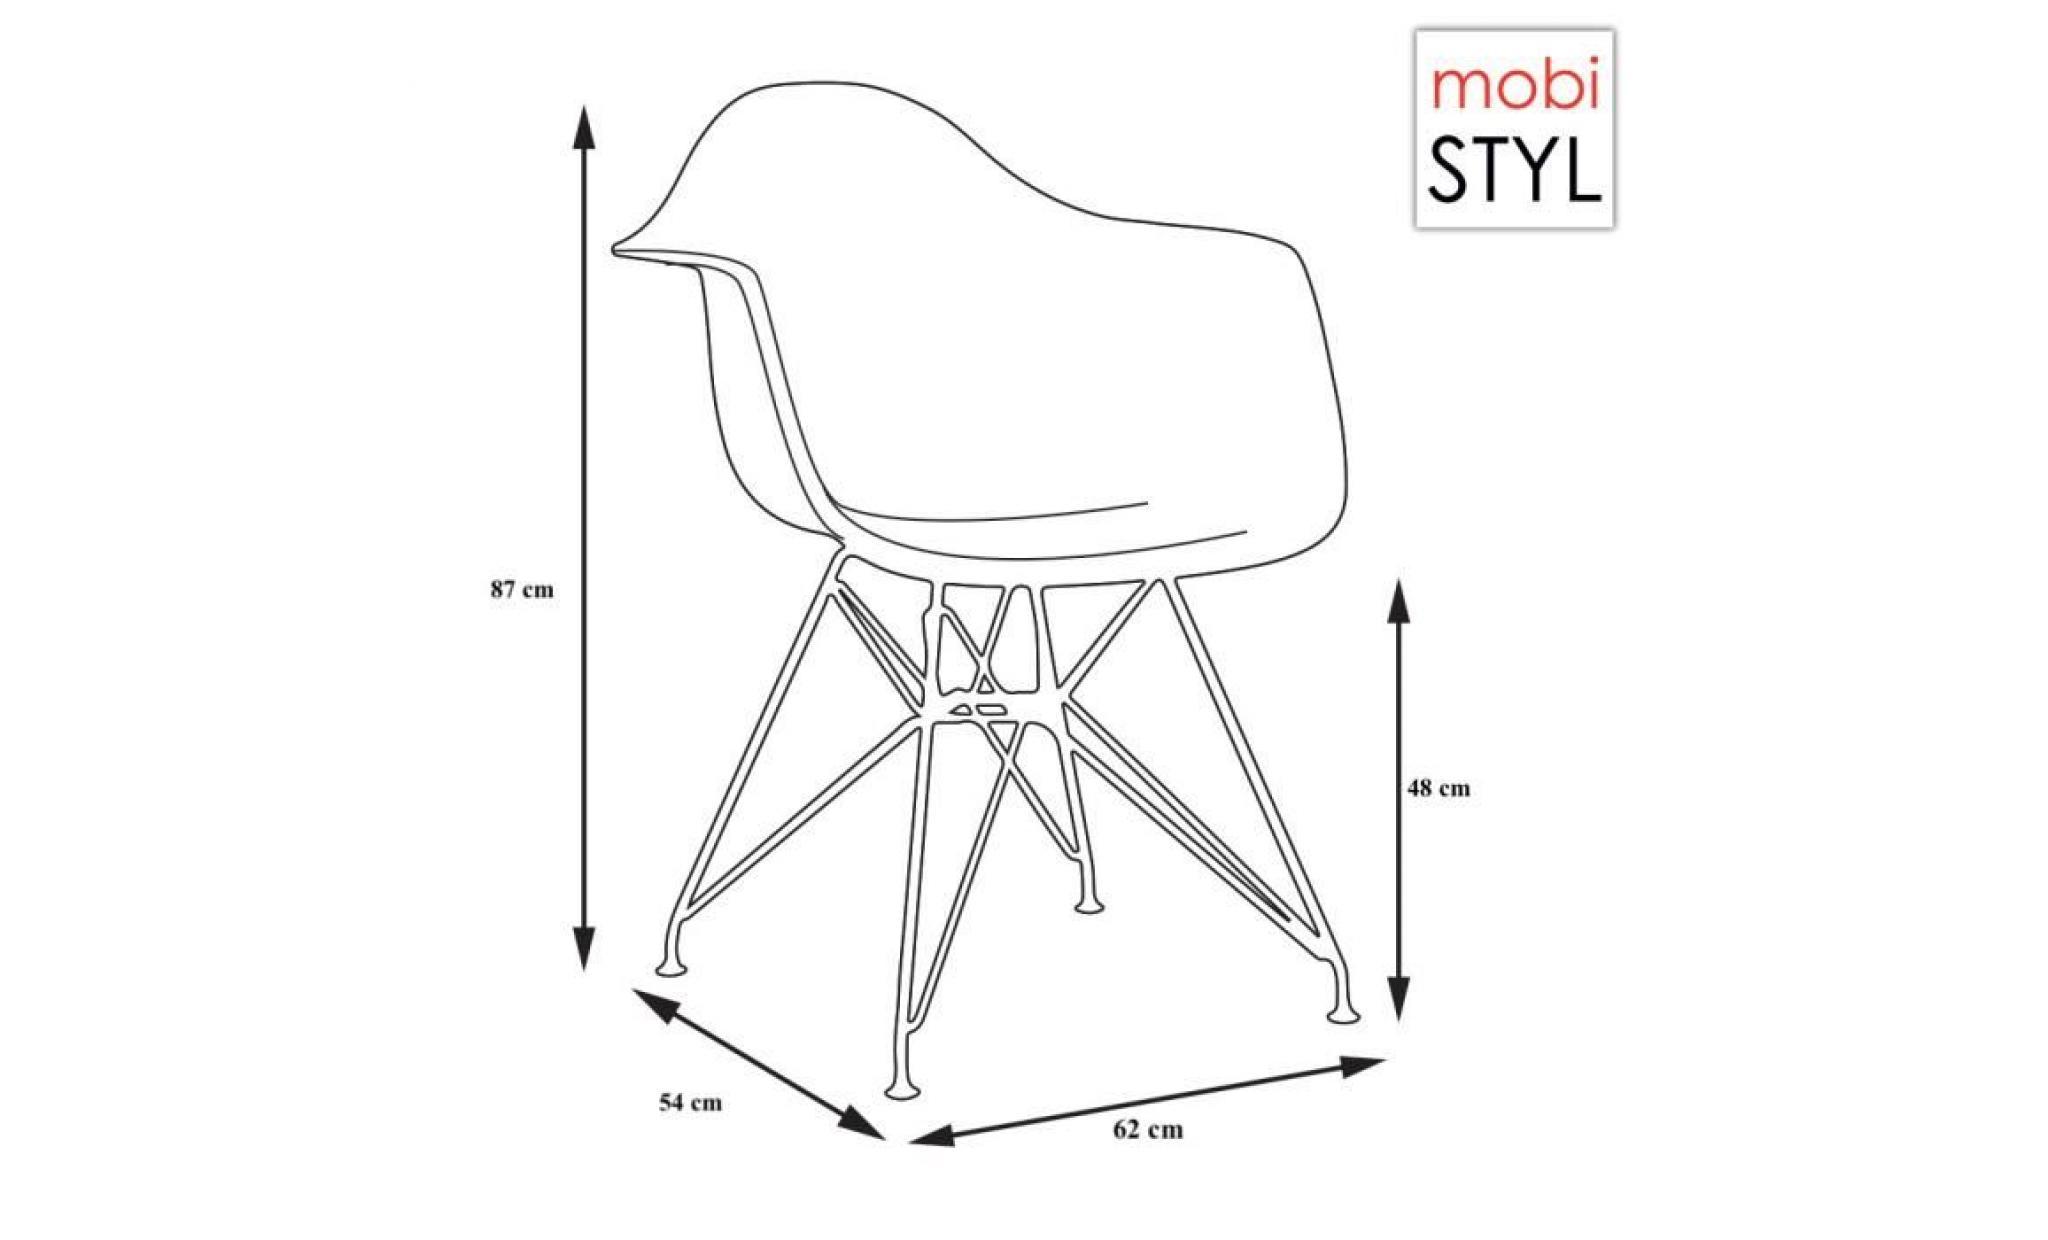 fauteuil design 48cm style acier chrome vert pieds eames assise hauteur 1x eiffel mobistyl® dar WEI9D2HY